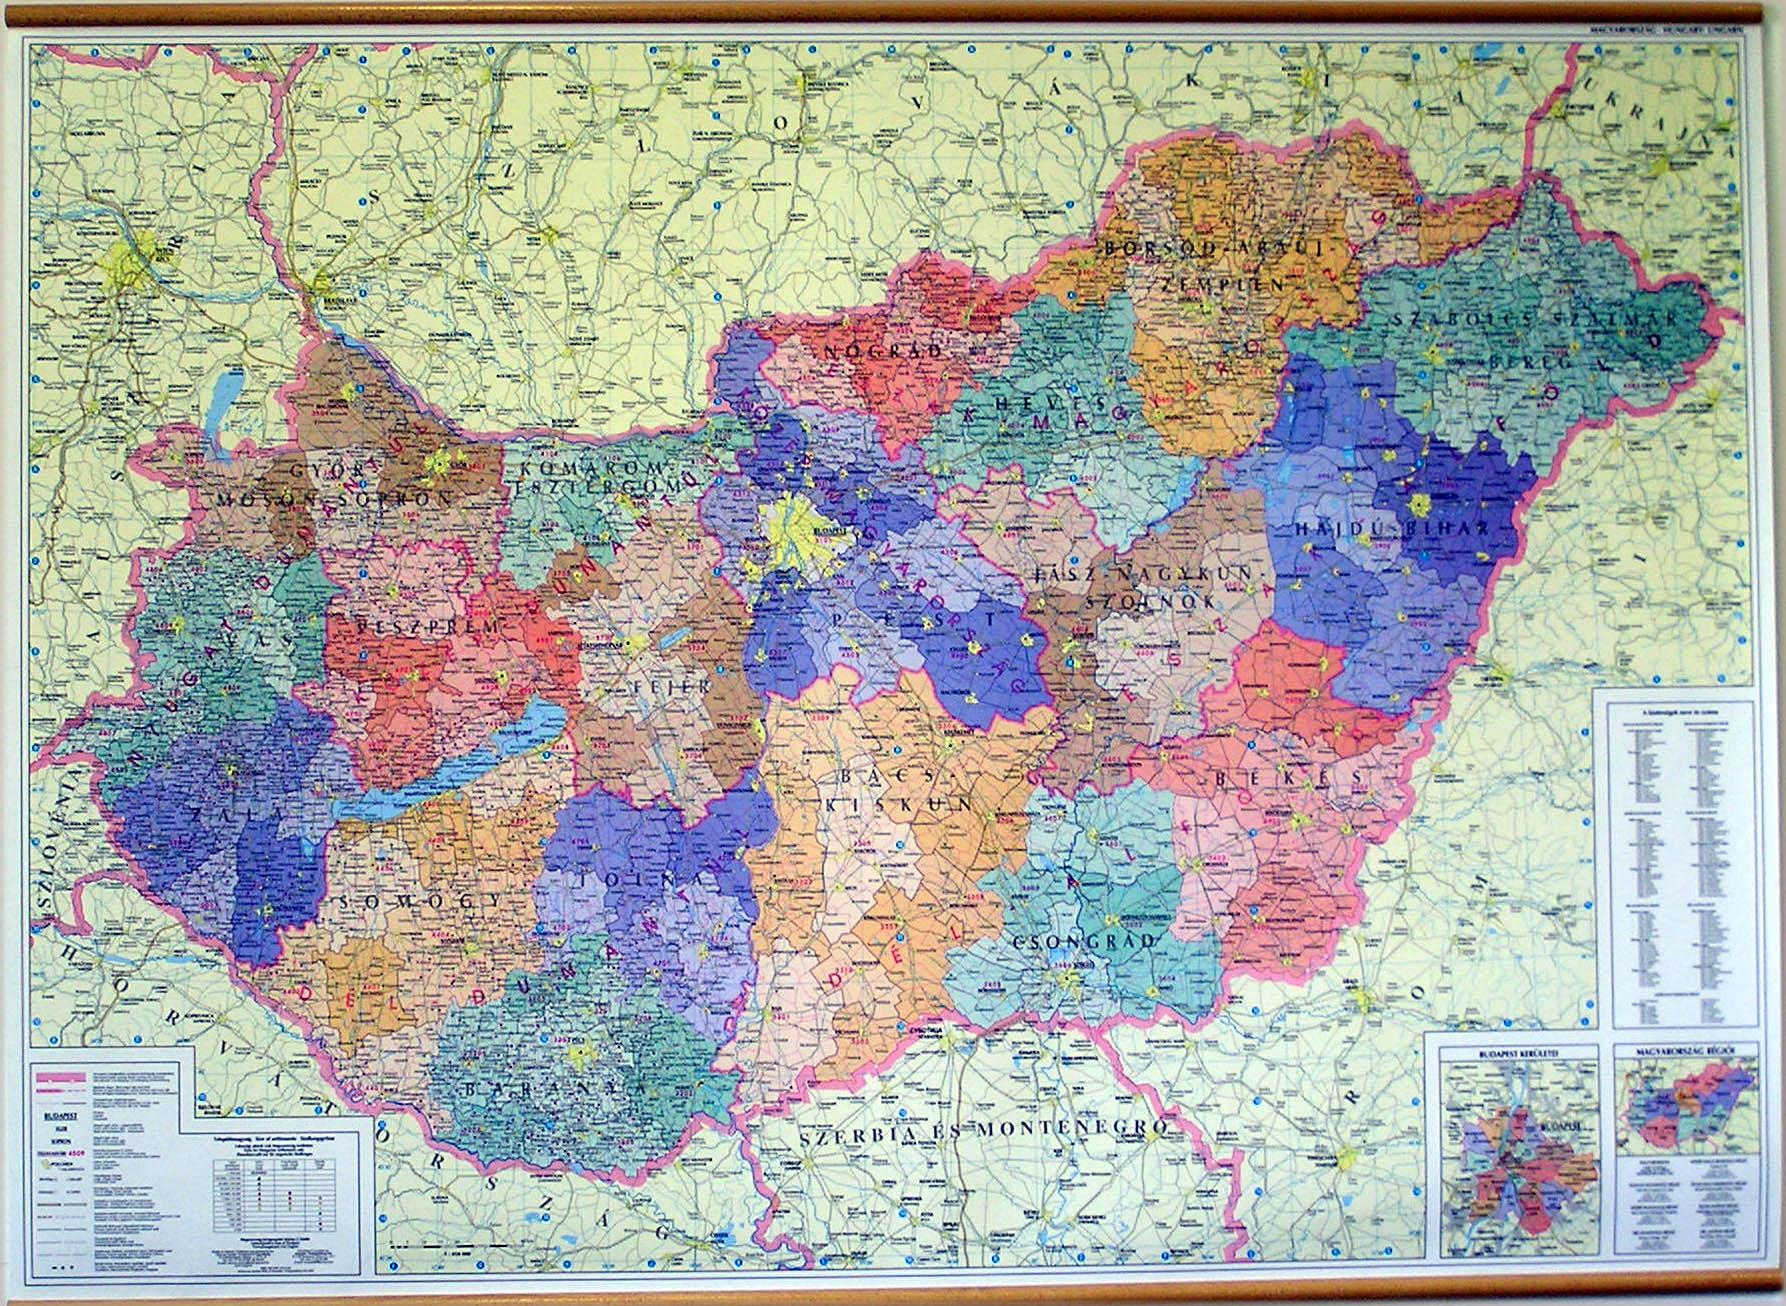 magyarország ausztria térkép Hibernia Nova Kft. magyarország ausztria térkép